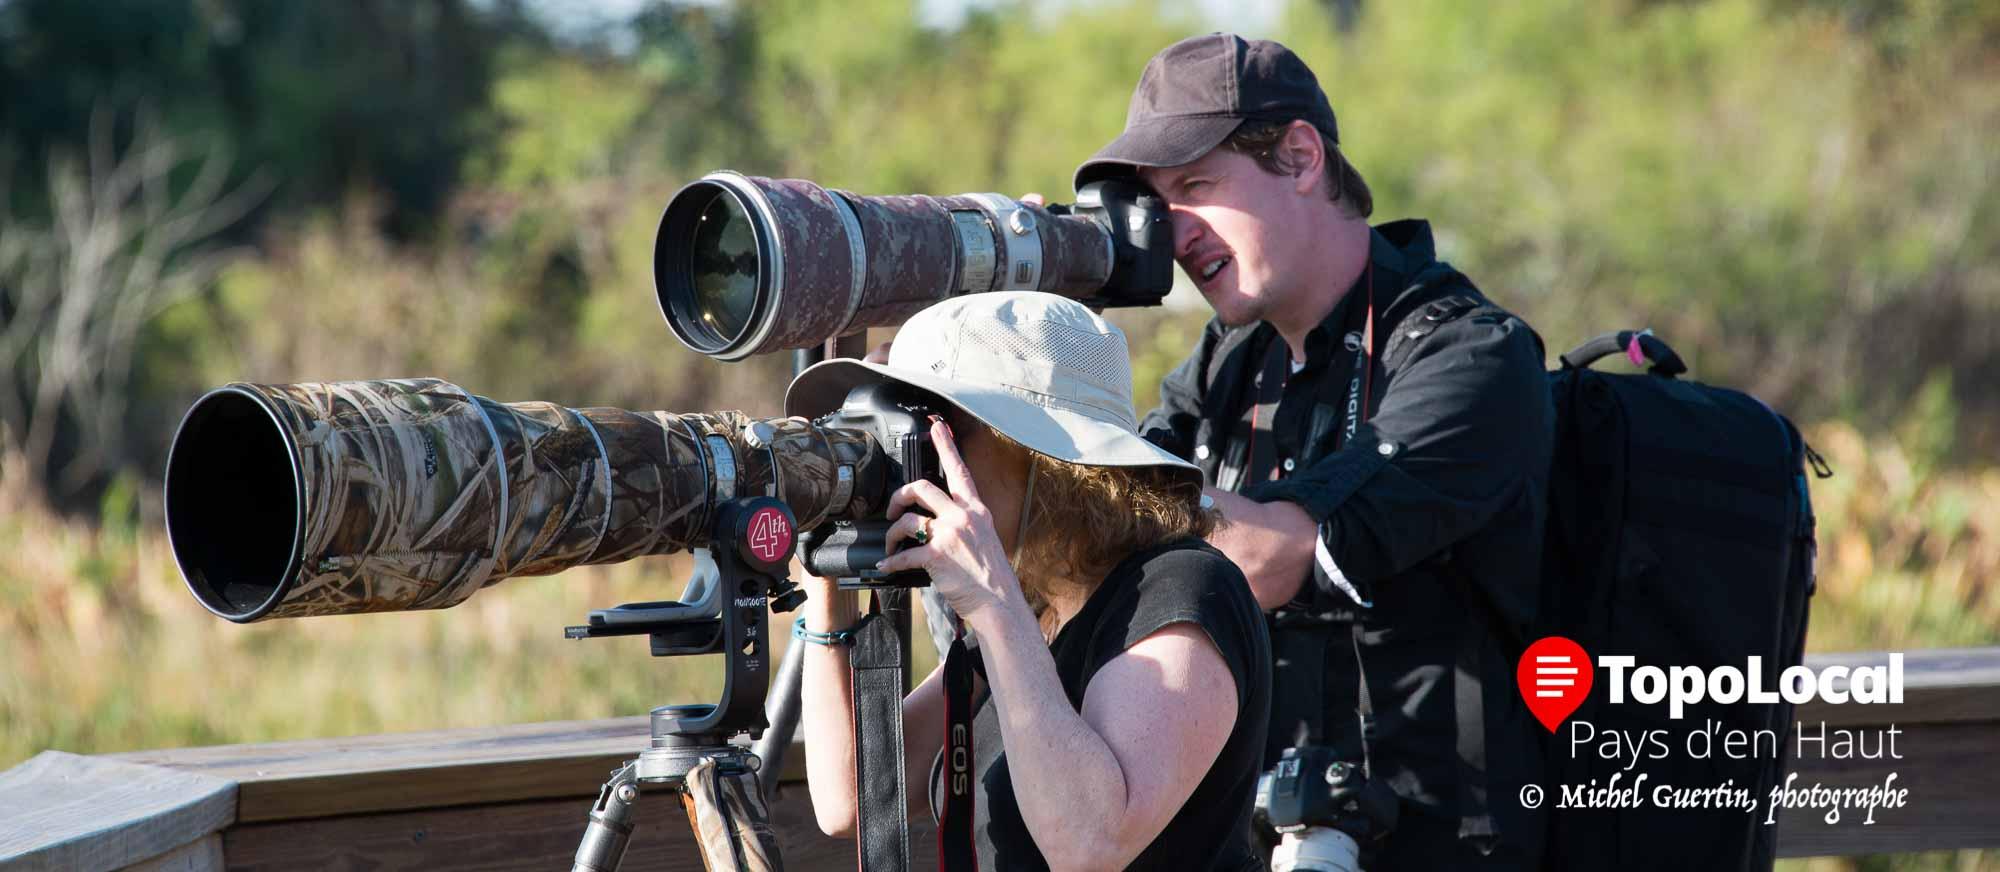 La Floride c'est aussi un merveilleux endroit pour faire de la photographoe d'espèces rares d'oiseaux dans les nombreux parcs nationaux.